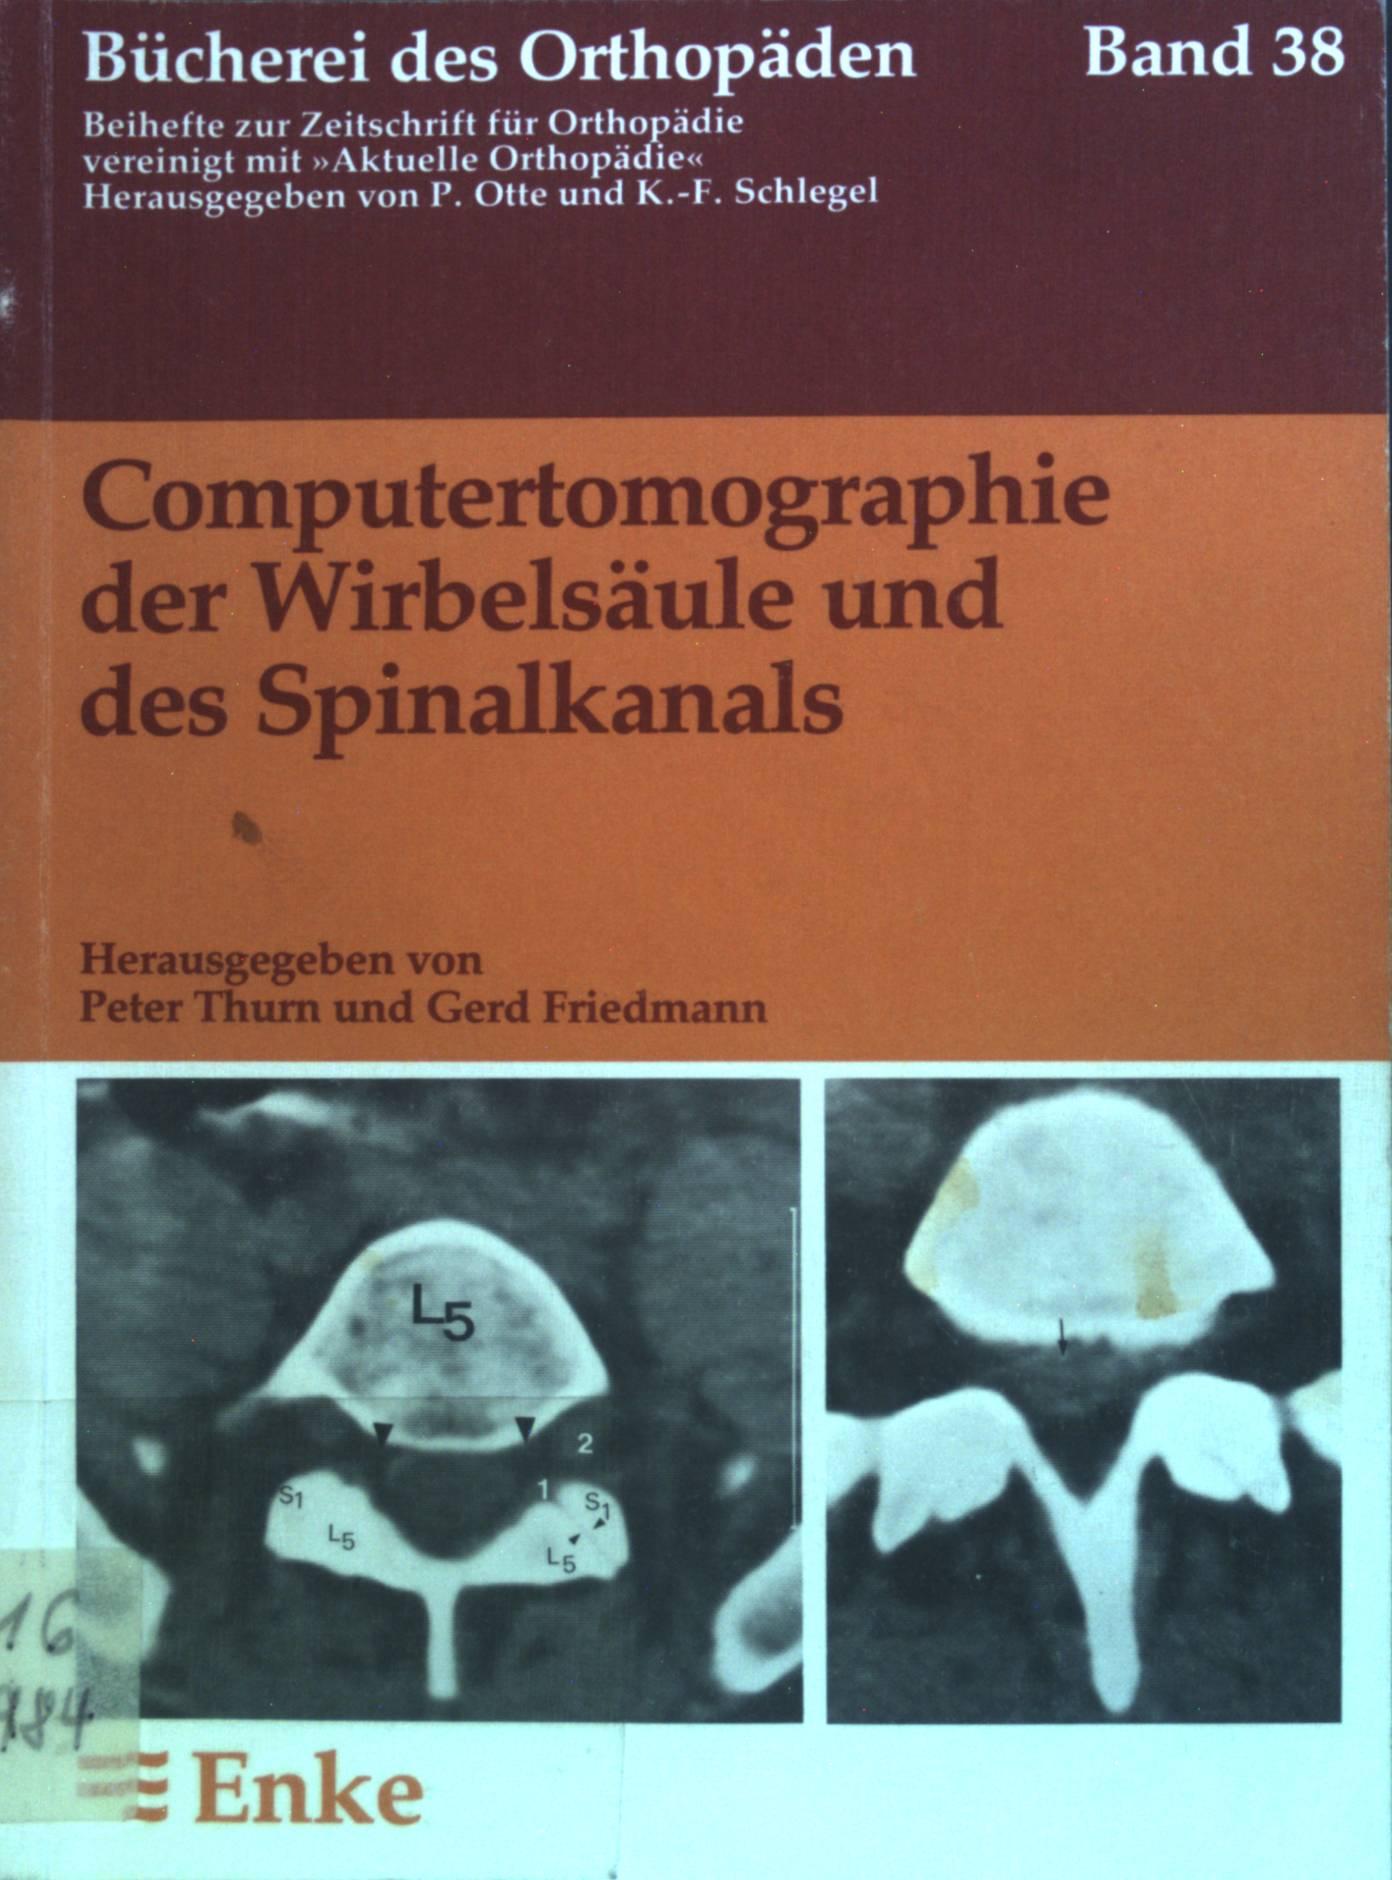 Computertomographie der Wirbelsäule und des Spinalkanals. Bücherei des Orthopäden ; Bd. 38 - Thurn, Peter und Klaus Lackner